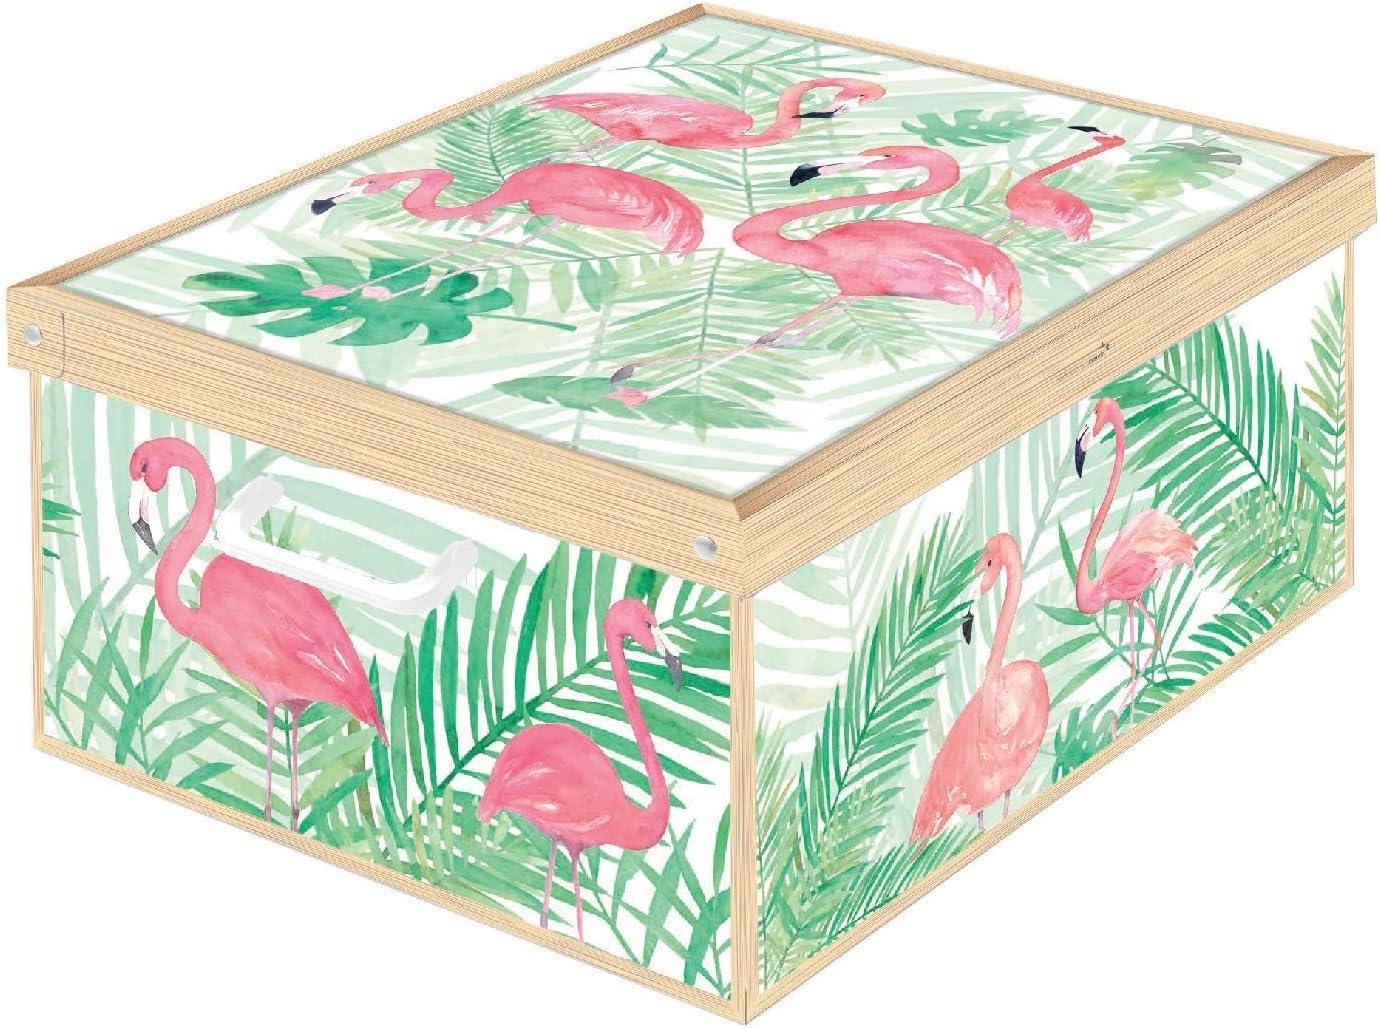 Kanguru Flamants Roses Caja de Almacenamiento en cartòn Lavatelli ...